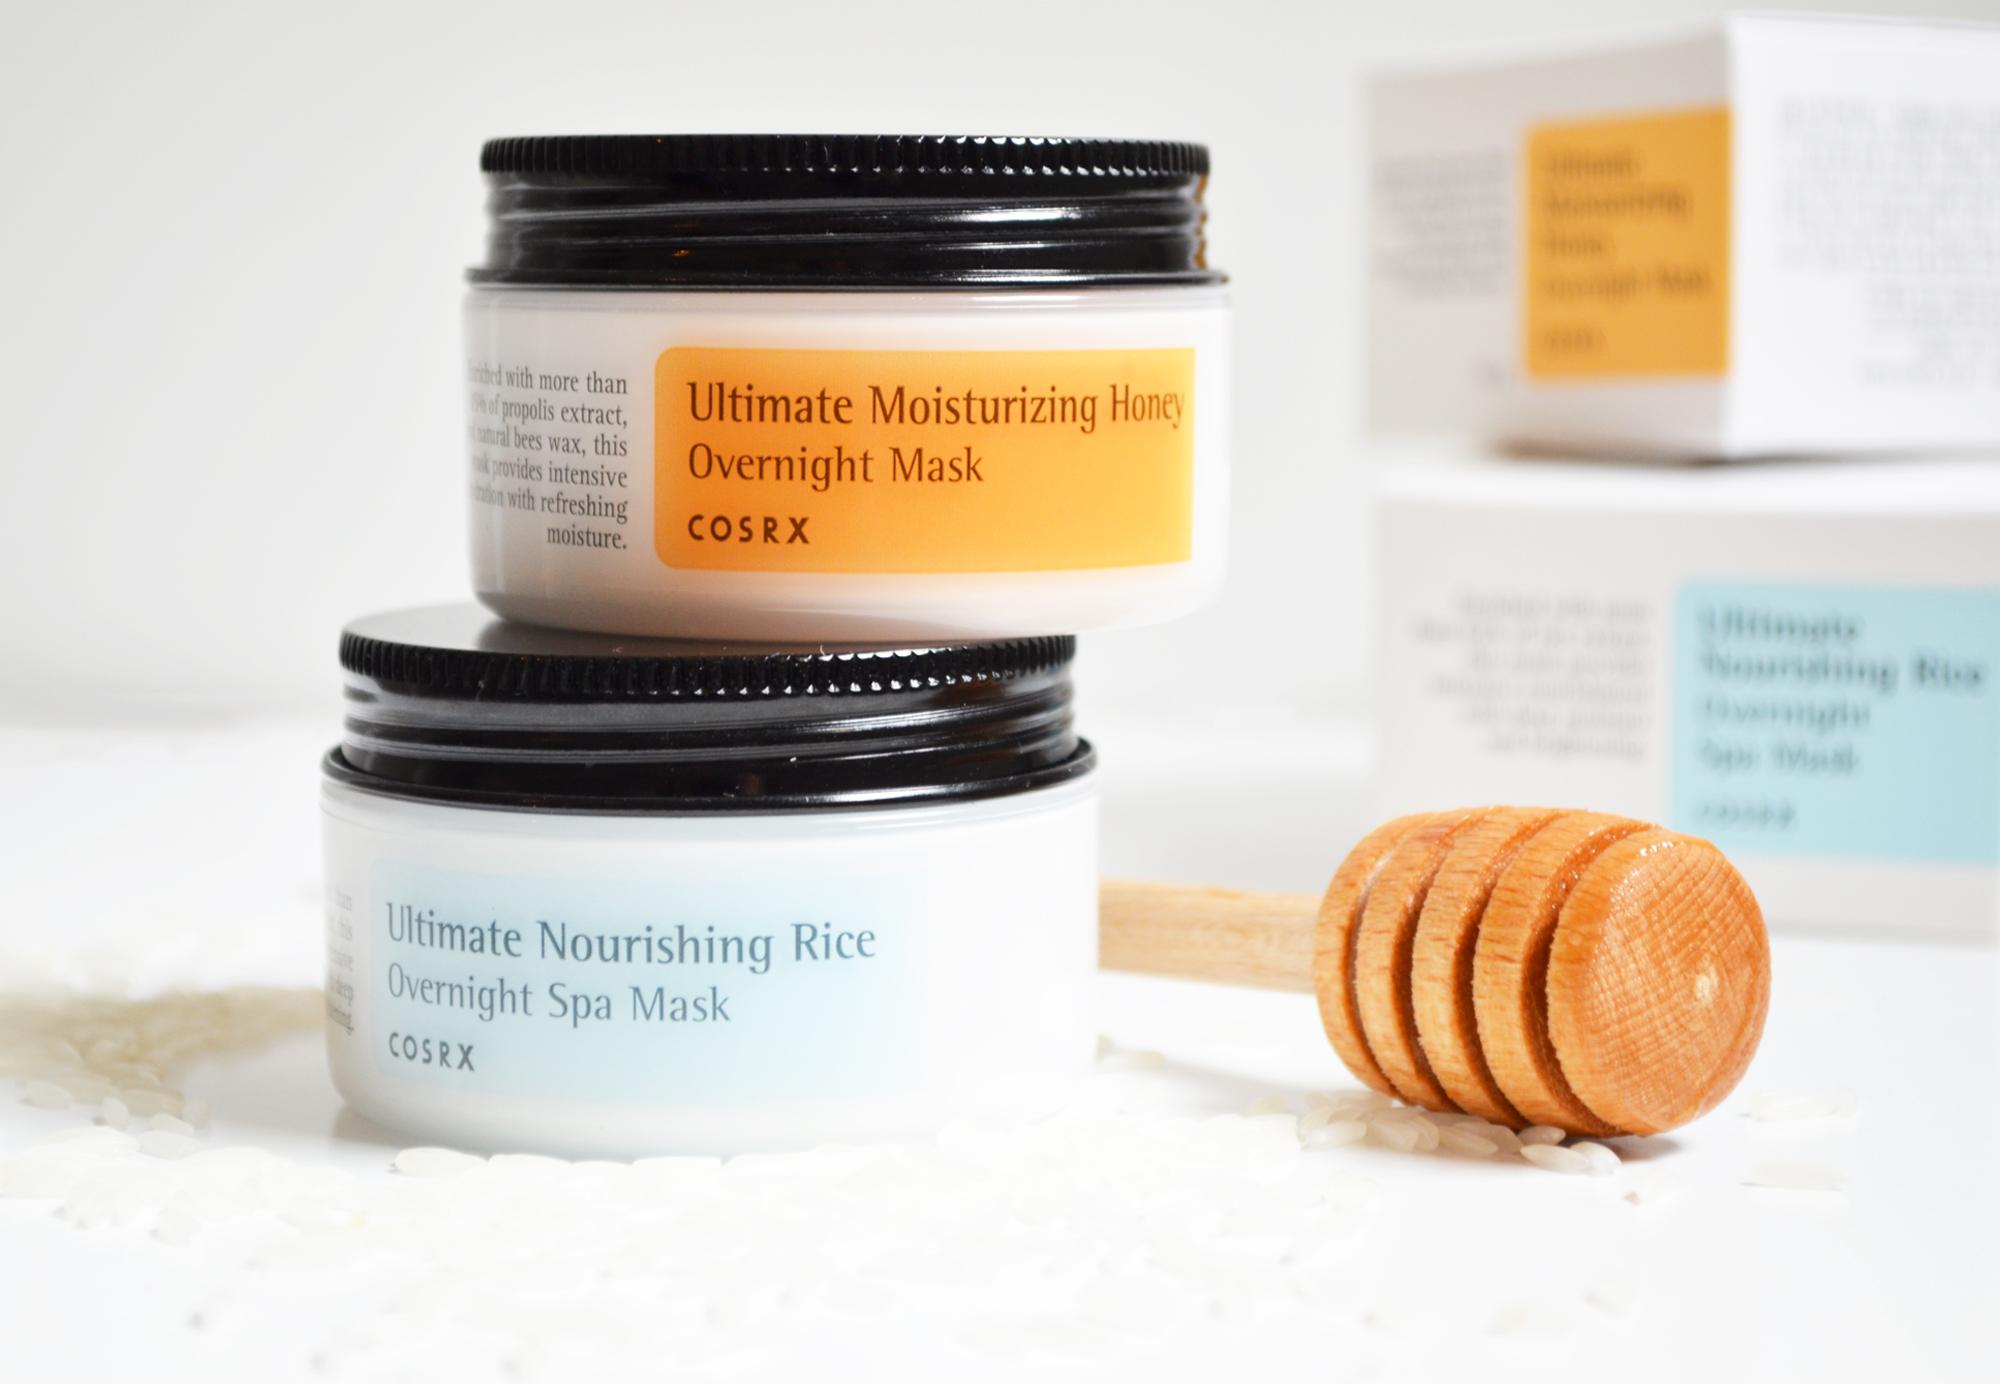 Cosrx-Ultimate-Moisturizing-Honey-Overnight-Mask-nourishing-overnight-spa-mask